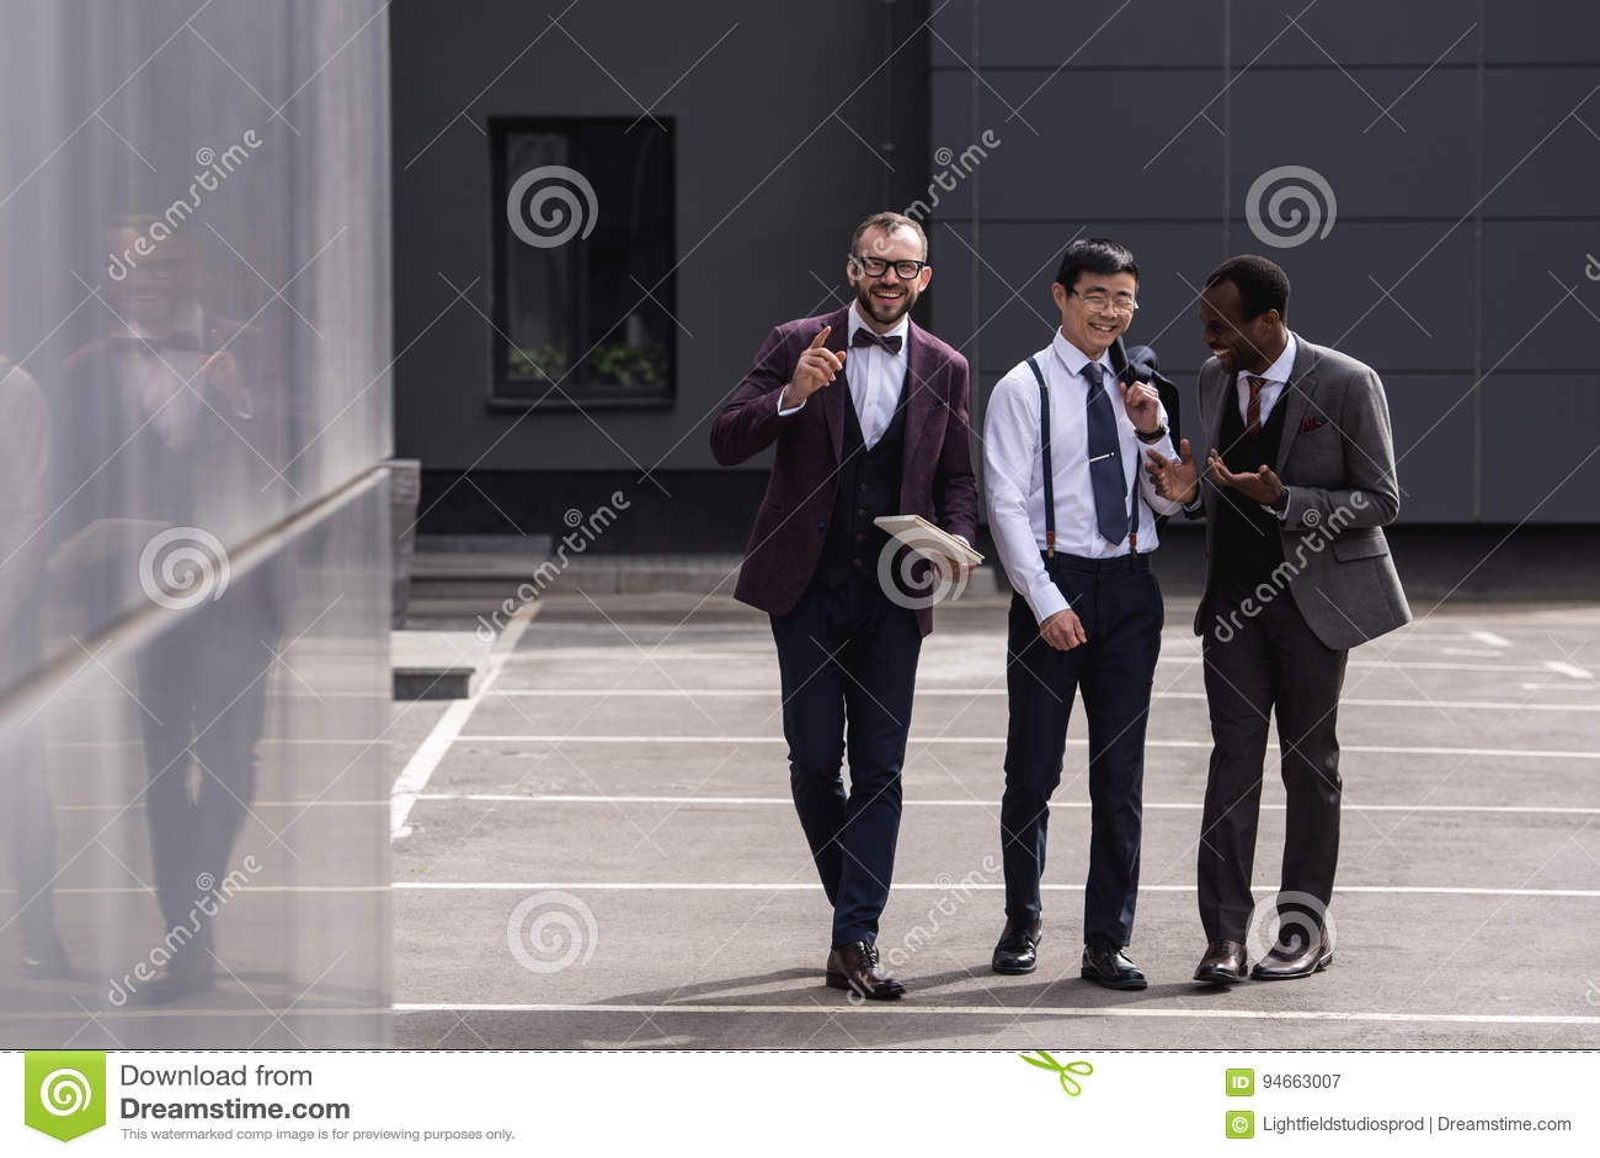 Equipo multicultural del negocio que camina en la calle cerca del edificio de oficinas moderno